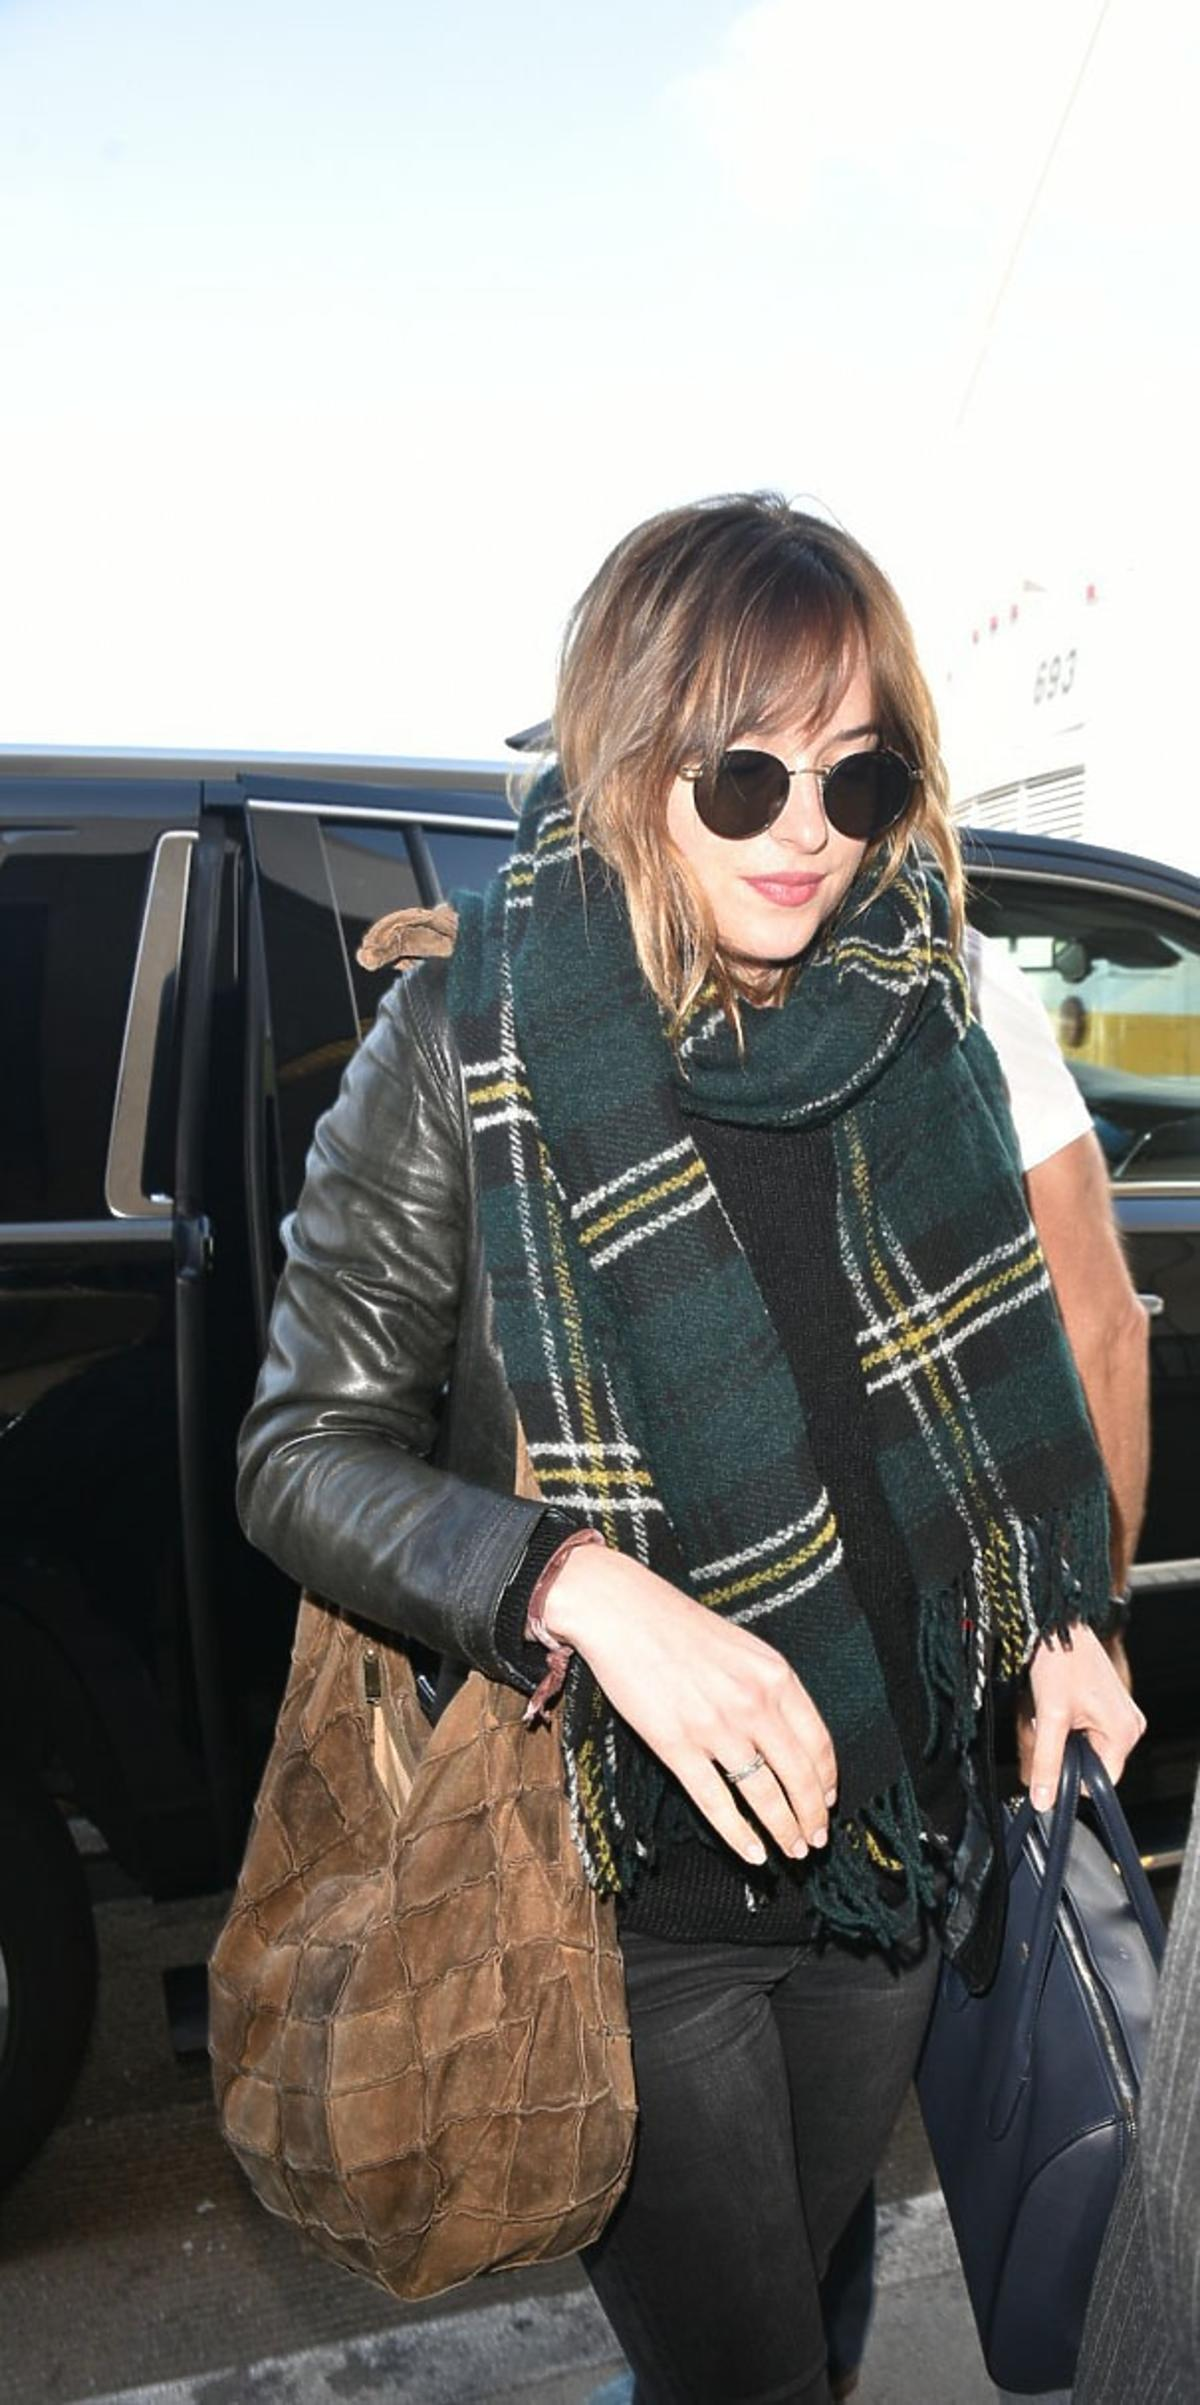 Dakota Johnson w czarnej skórzanej kurtce, szaliku w kratę, brązowątorbą